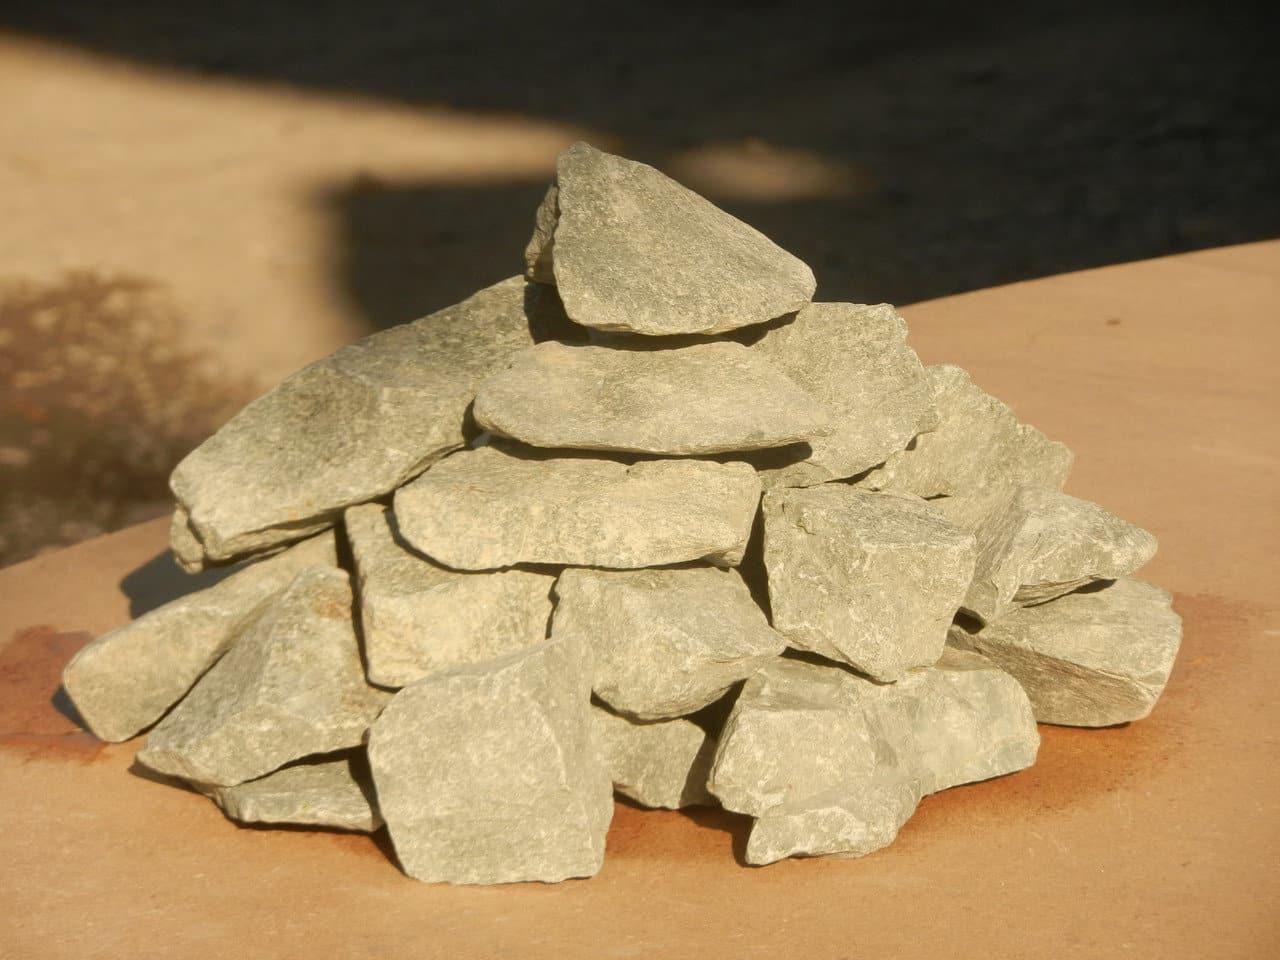 Как выбрать камни для бани - сравнение в таблице